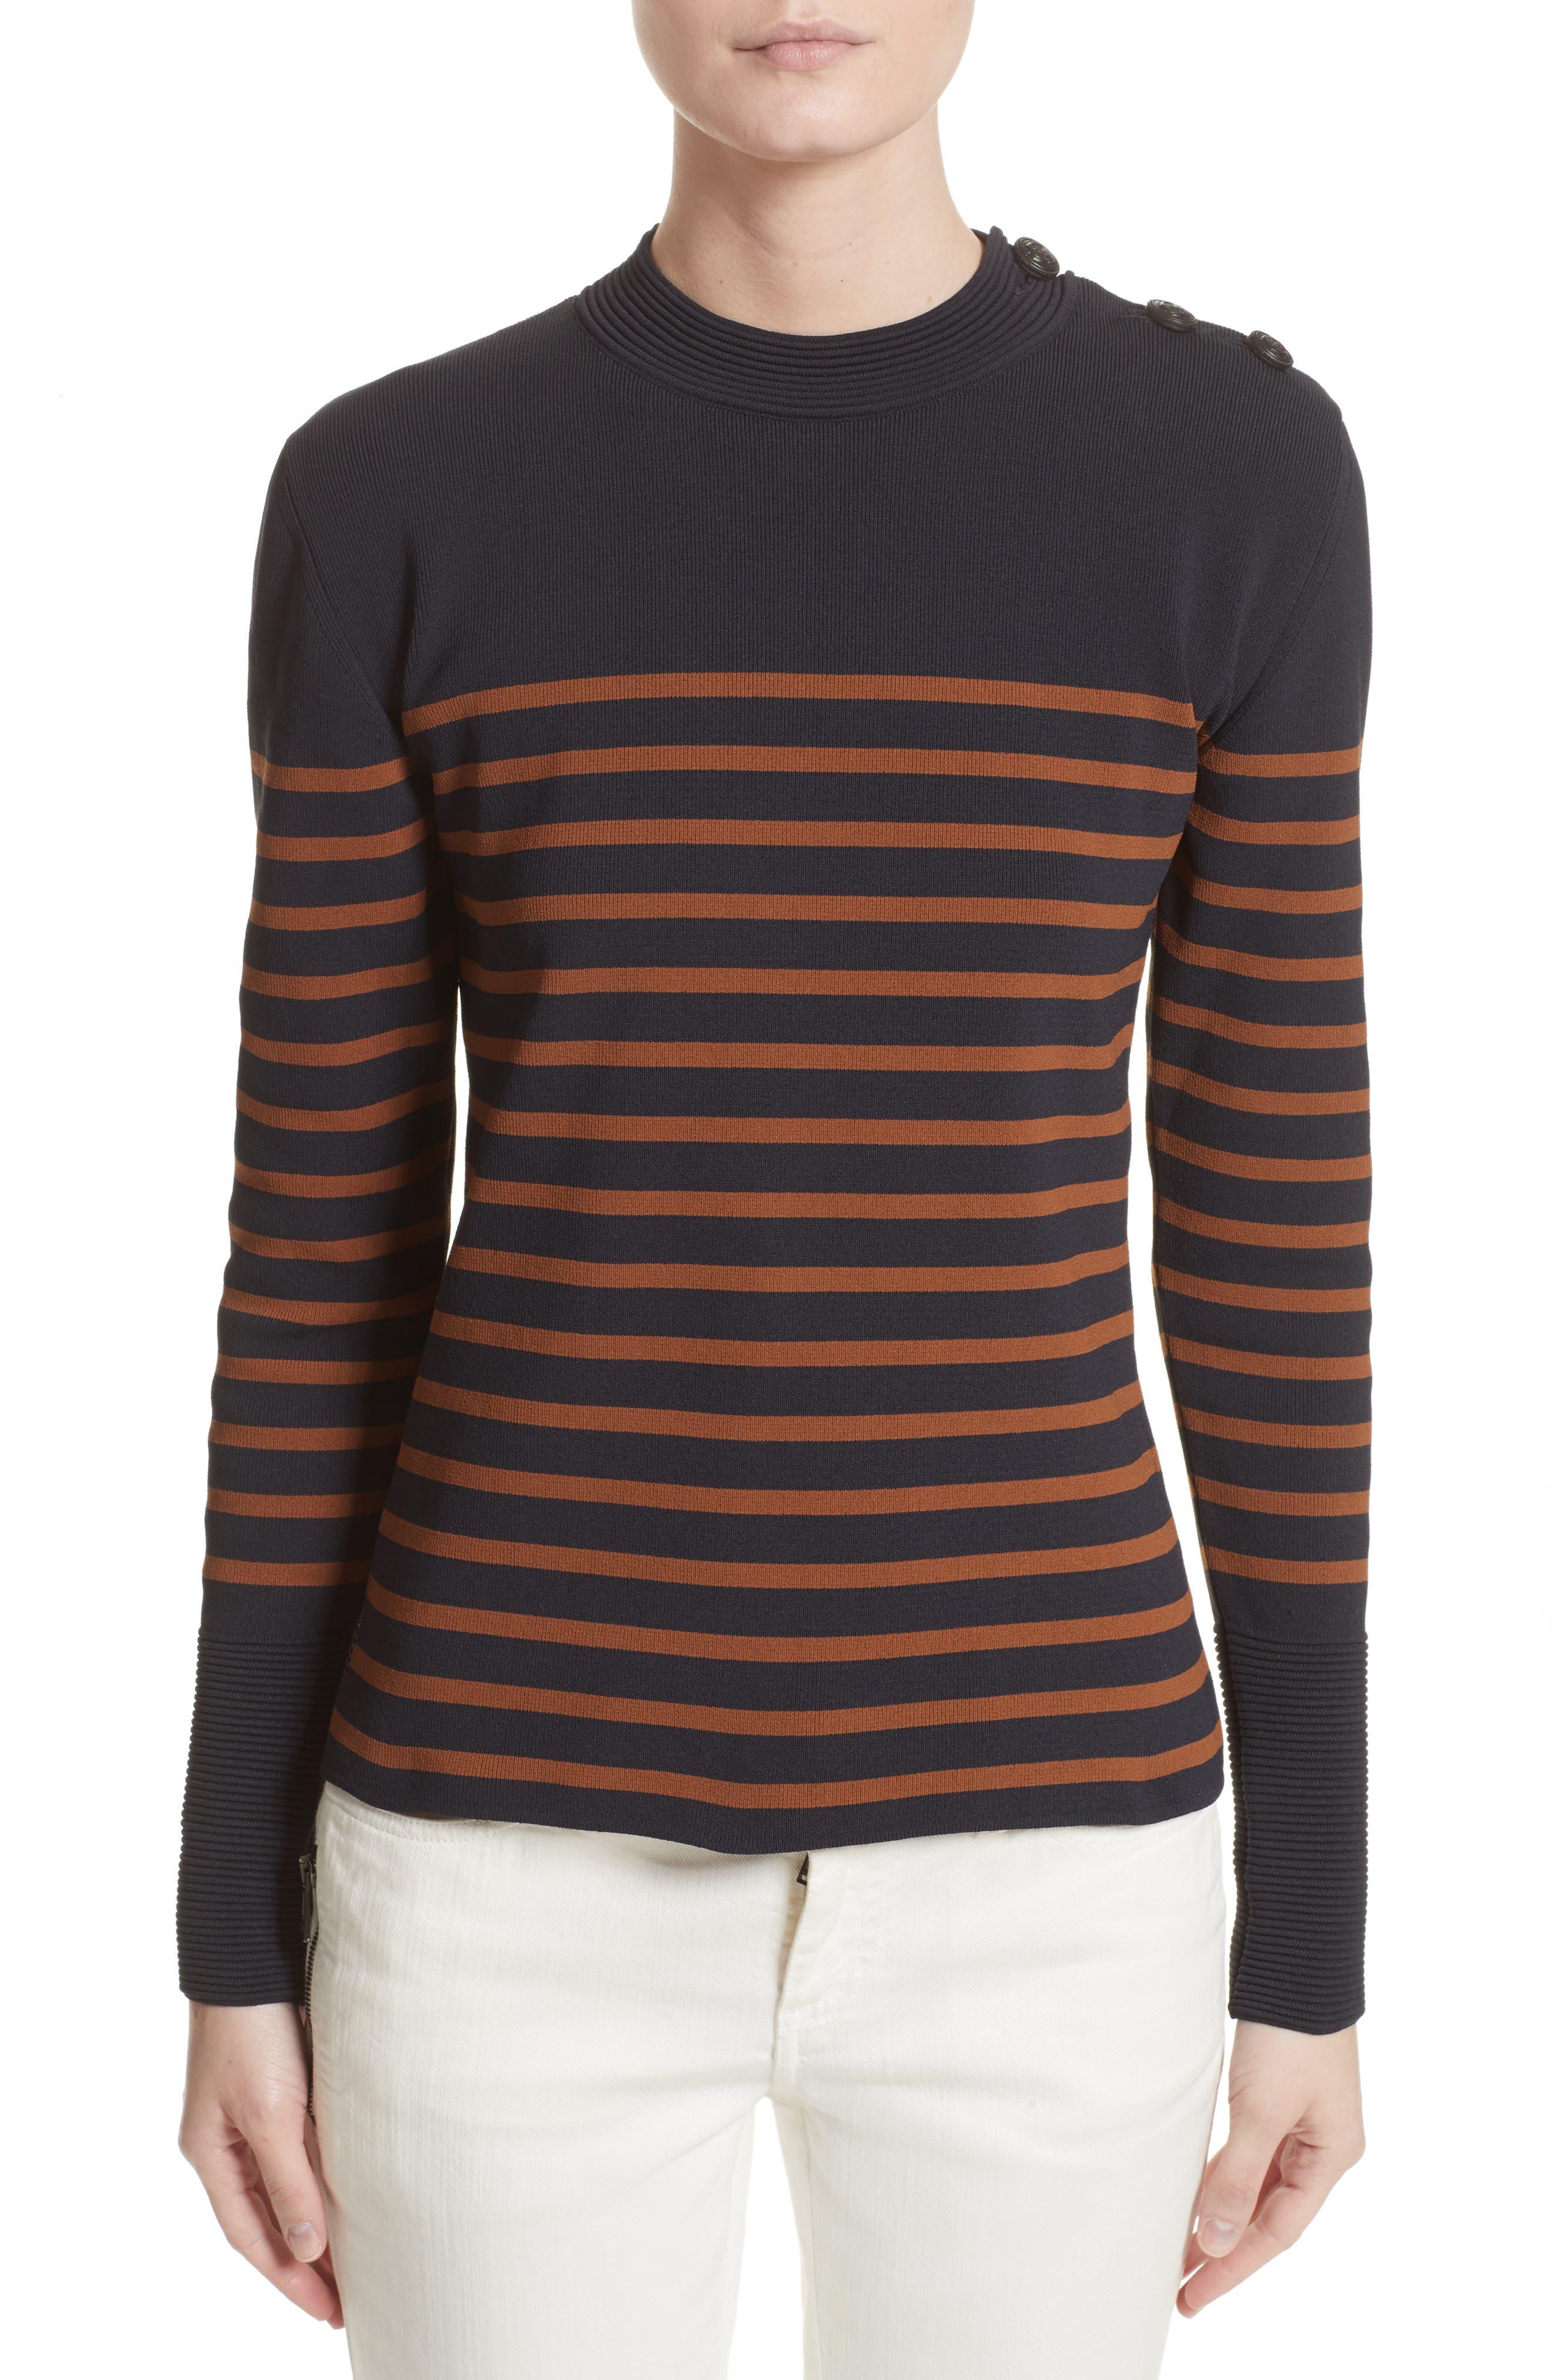 Selicia Stripe Sweater,                         Main,                         color, Black